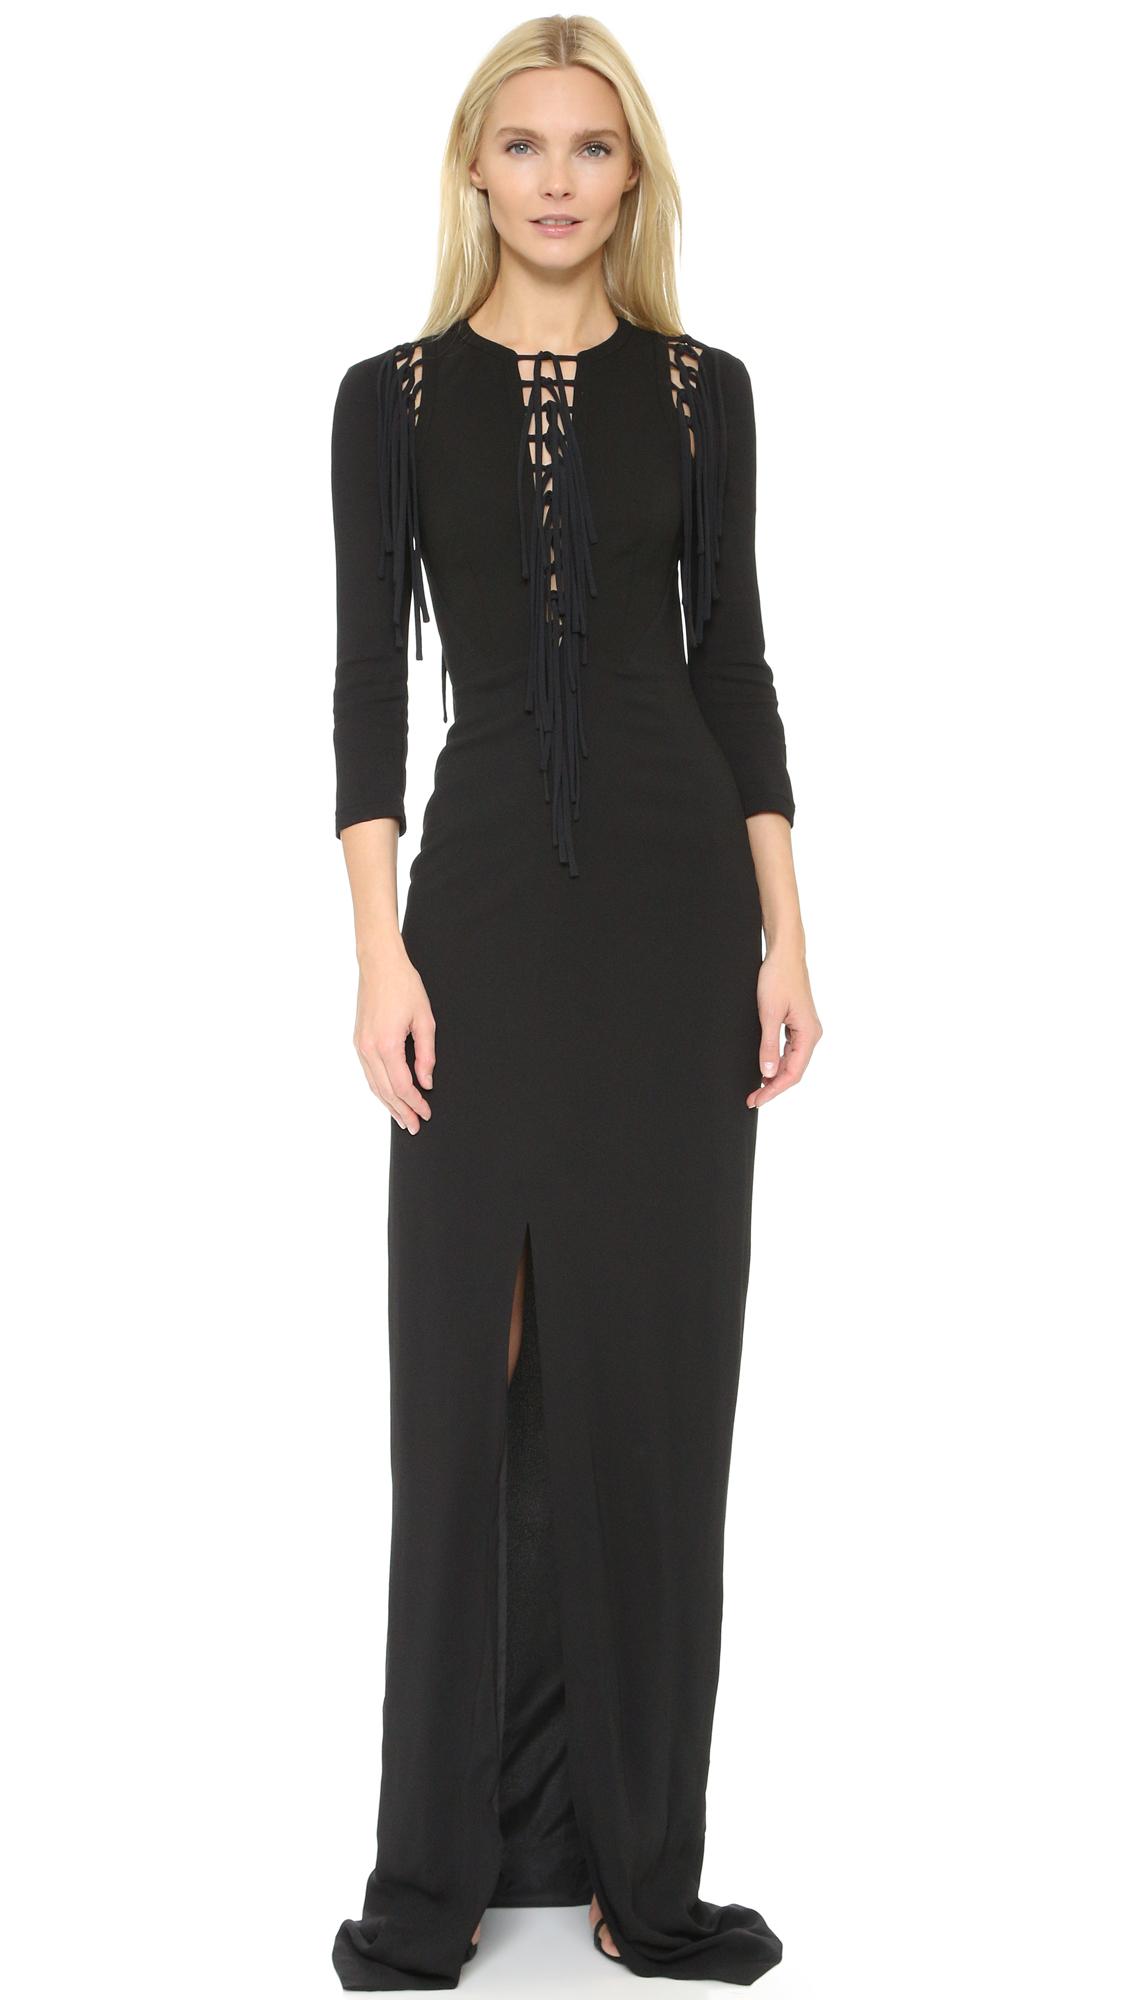 Antonio Berardi Fringe Dress - Black at Shopbop